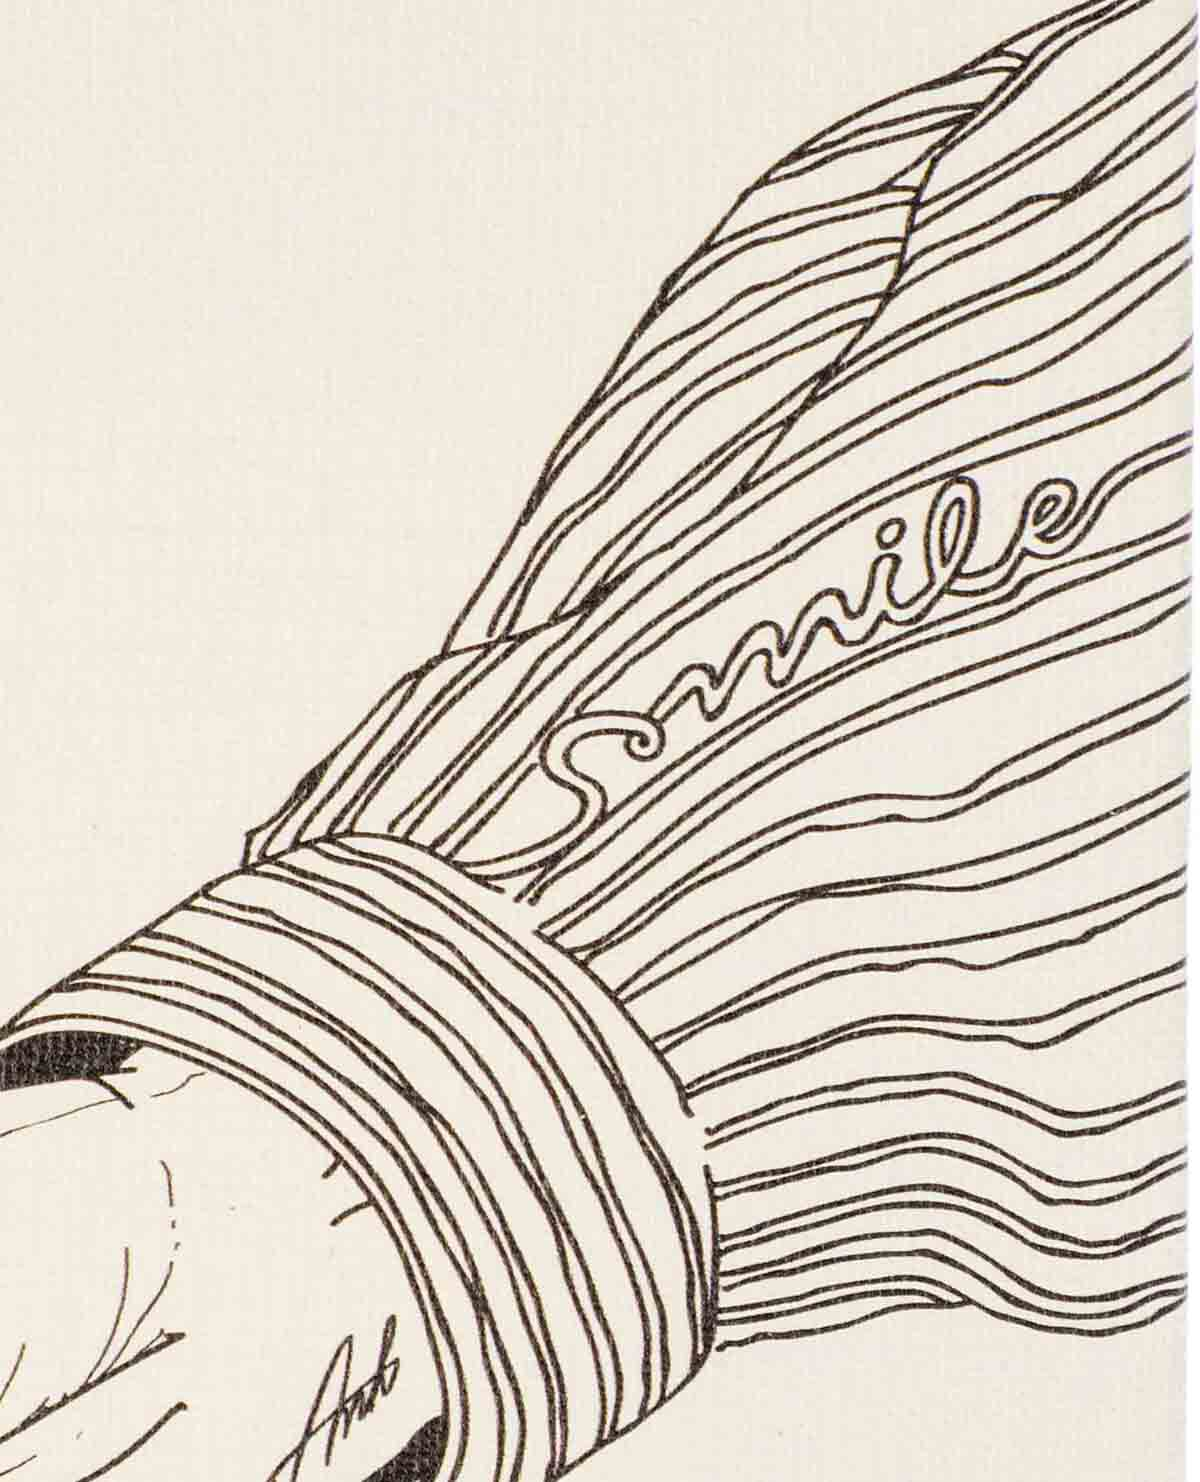 レターフラワー SMILE ヘリクリサム オレンジ